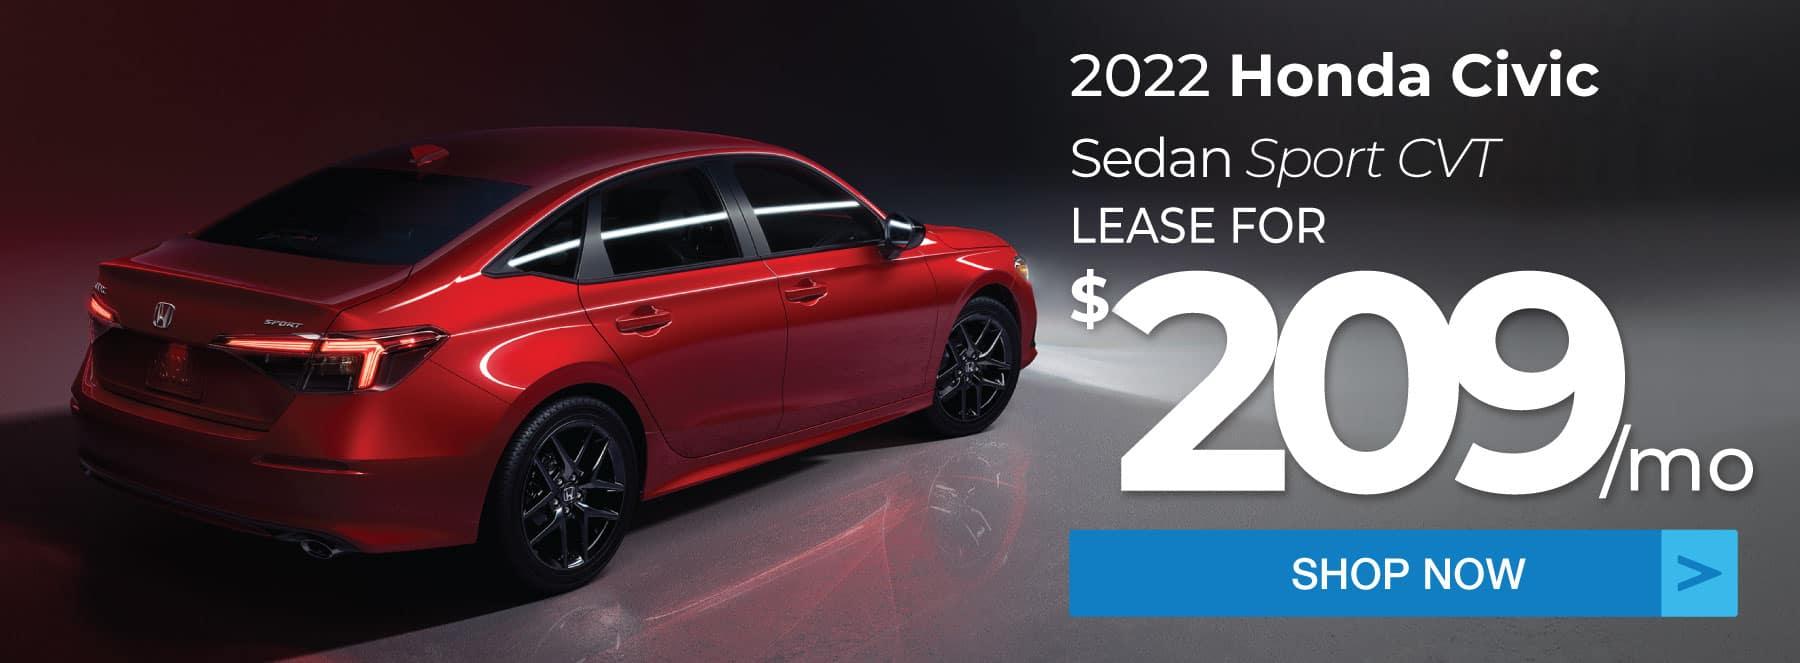 2022 Honda Civic Sedan Sport Lease